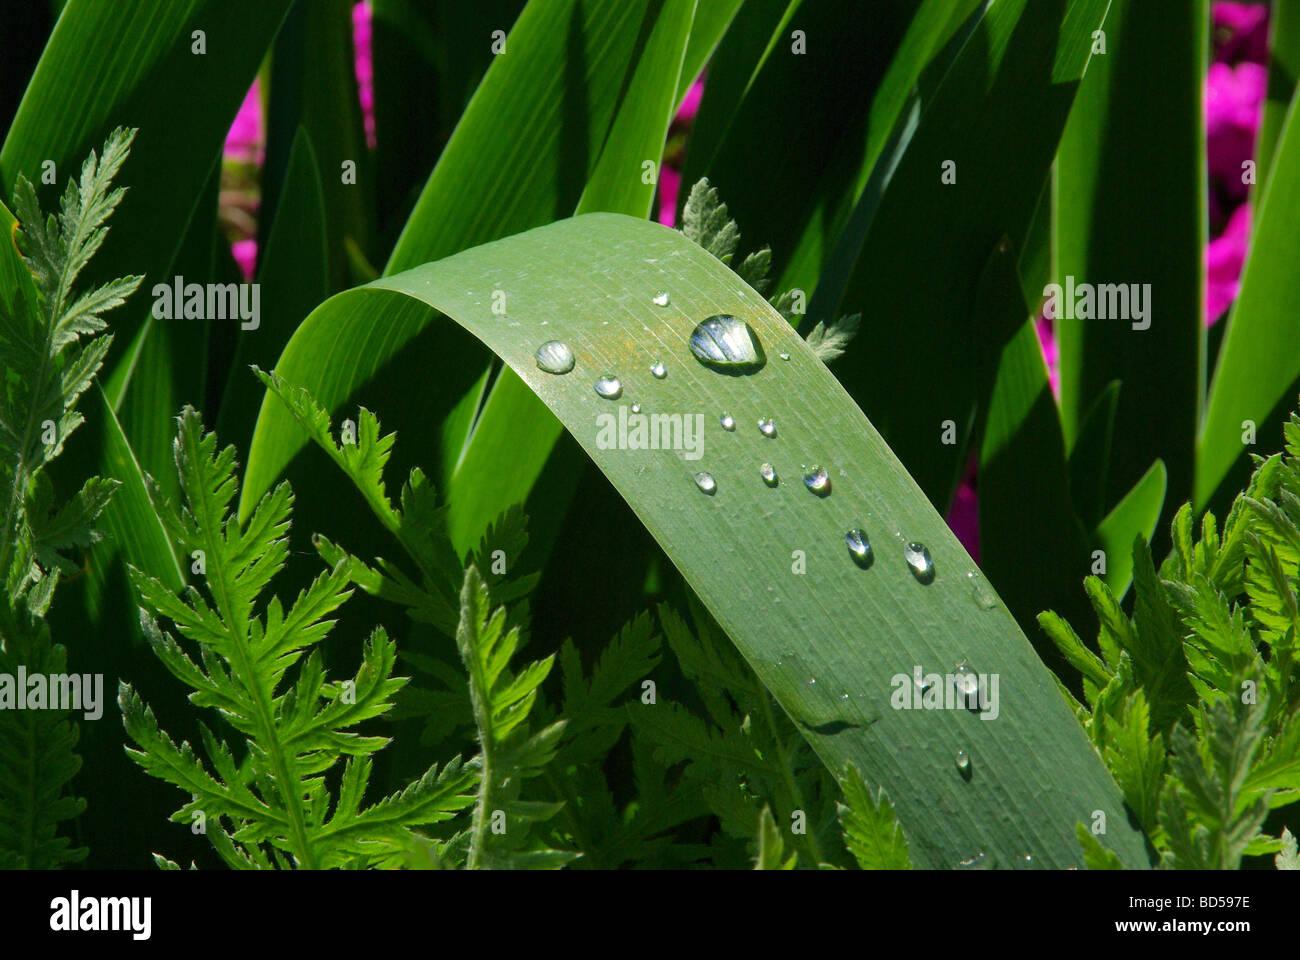 Wassertropfen auf Blatt waterdrop on leaf 02 - Stock Image